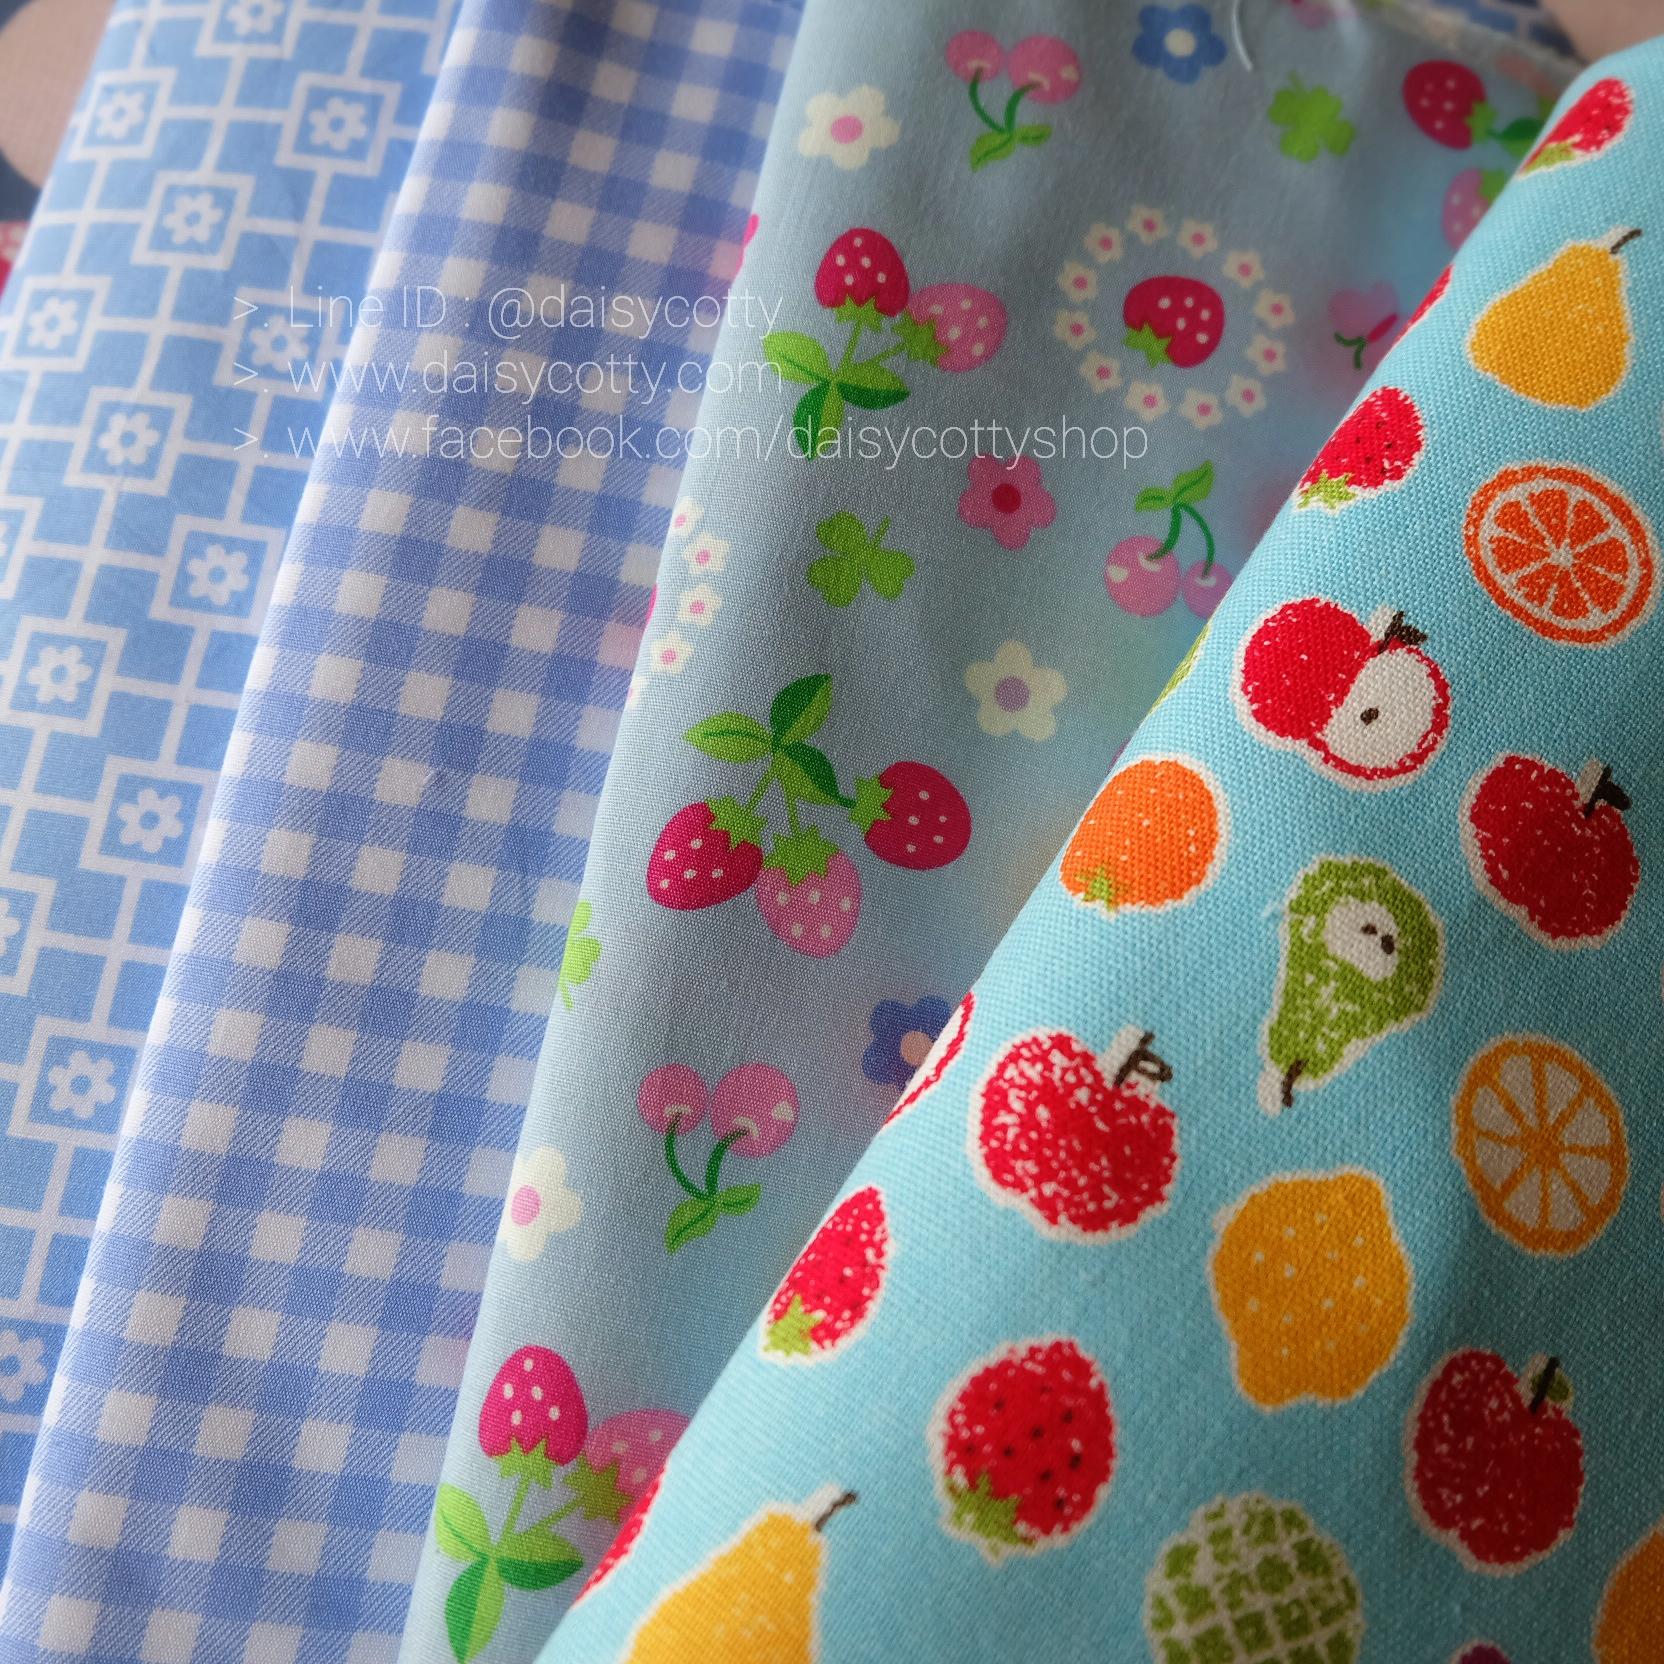 Set 4 ชิ้น : ผ้าคอตตอน 100% โทนสีฟ้า 3 ชิ้น และผ้าแคนวาสลายผลไม้ 1ชิ้น ชิ้นละ1/8 ม.(50x27.5ซม.)